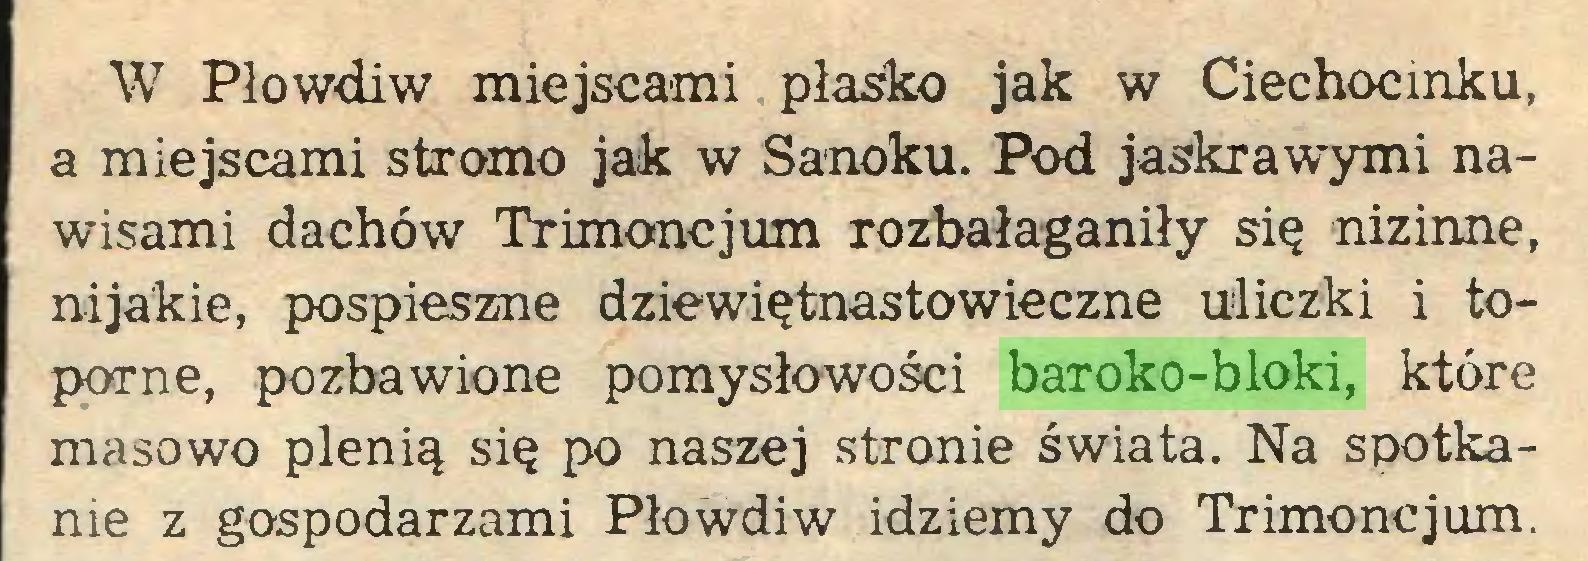 (...) W Płowdiw miejscami płasko jak w Ciechocinku, a miejscami stromo jak w Sanoku. Pod jaskrawymi nawisami dachów Trimoncjum rozbałaganiły się nizinne, nijakie, pospieszne dziewiętnastowieczne uliczki i toporne, pozbawione pomysłowości baroko-bloki, które masowo plenią się po naszej stronie świata. Na spotkanie z gospodarzami Płowdiw idziemy do Trimoncjum...